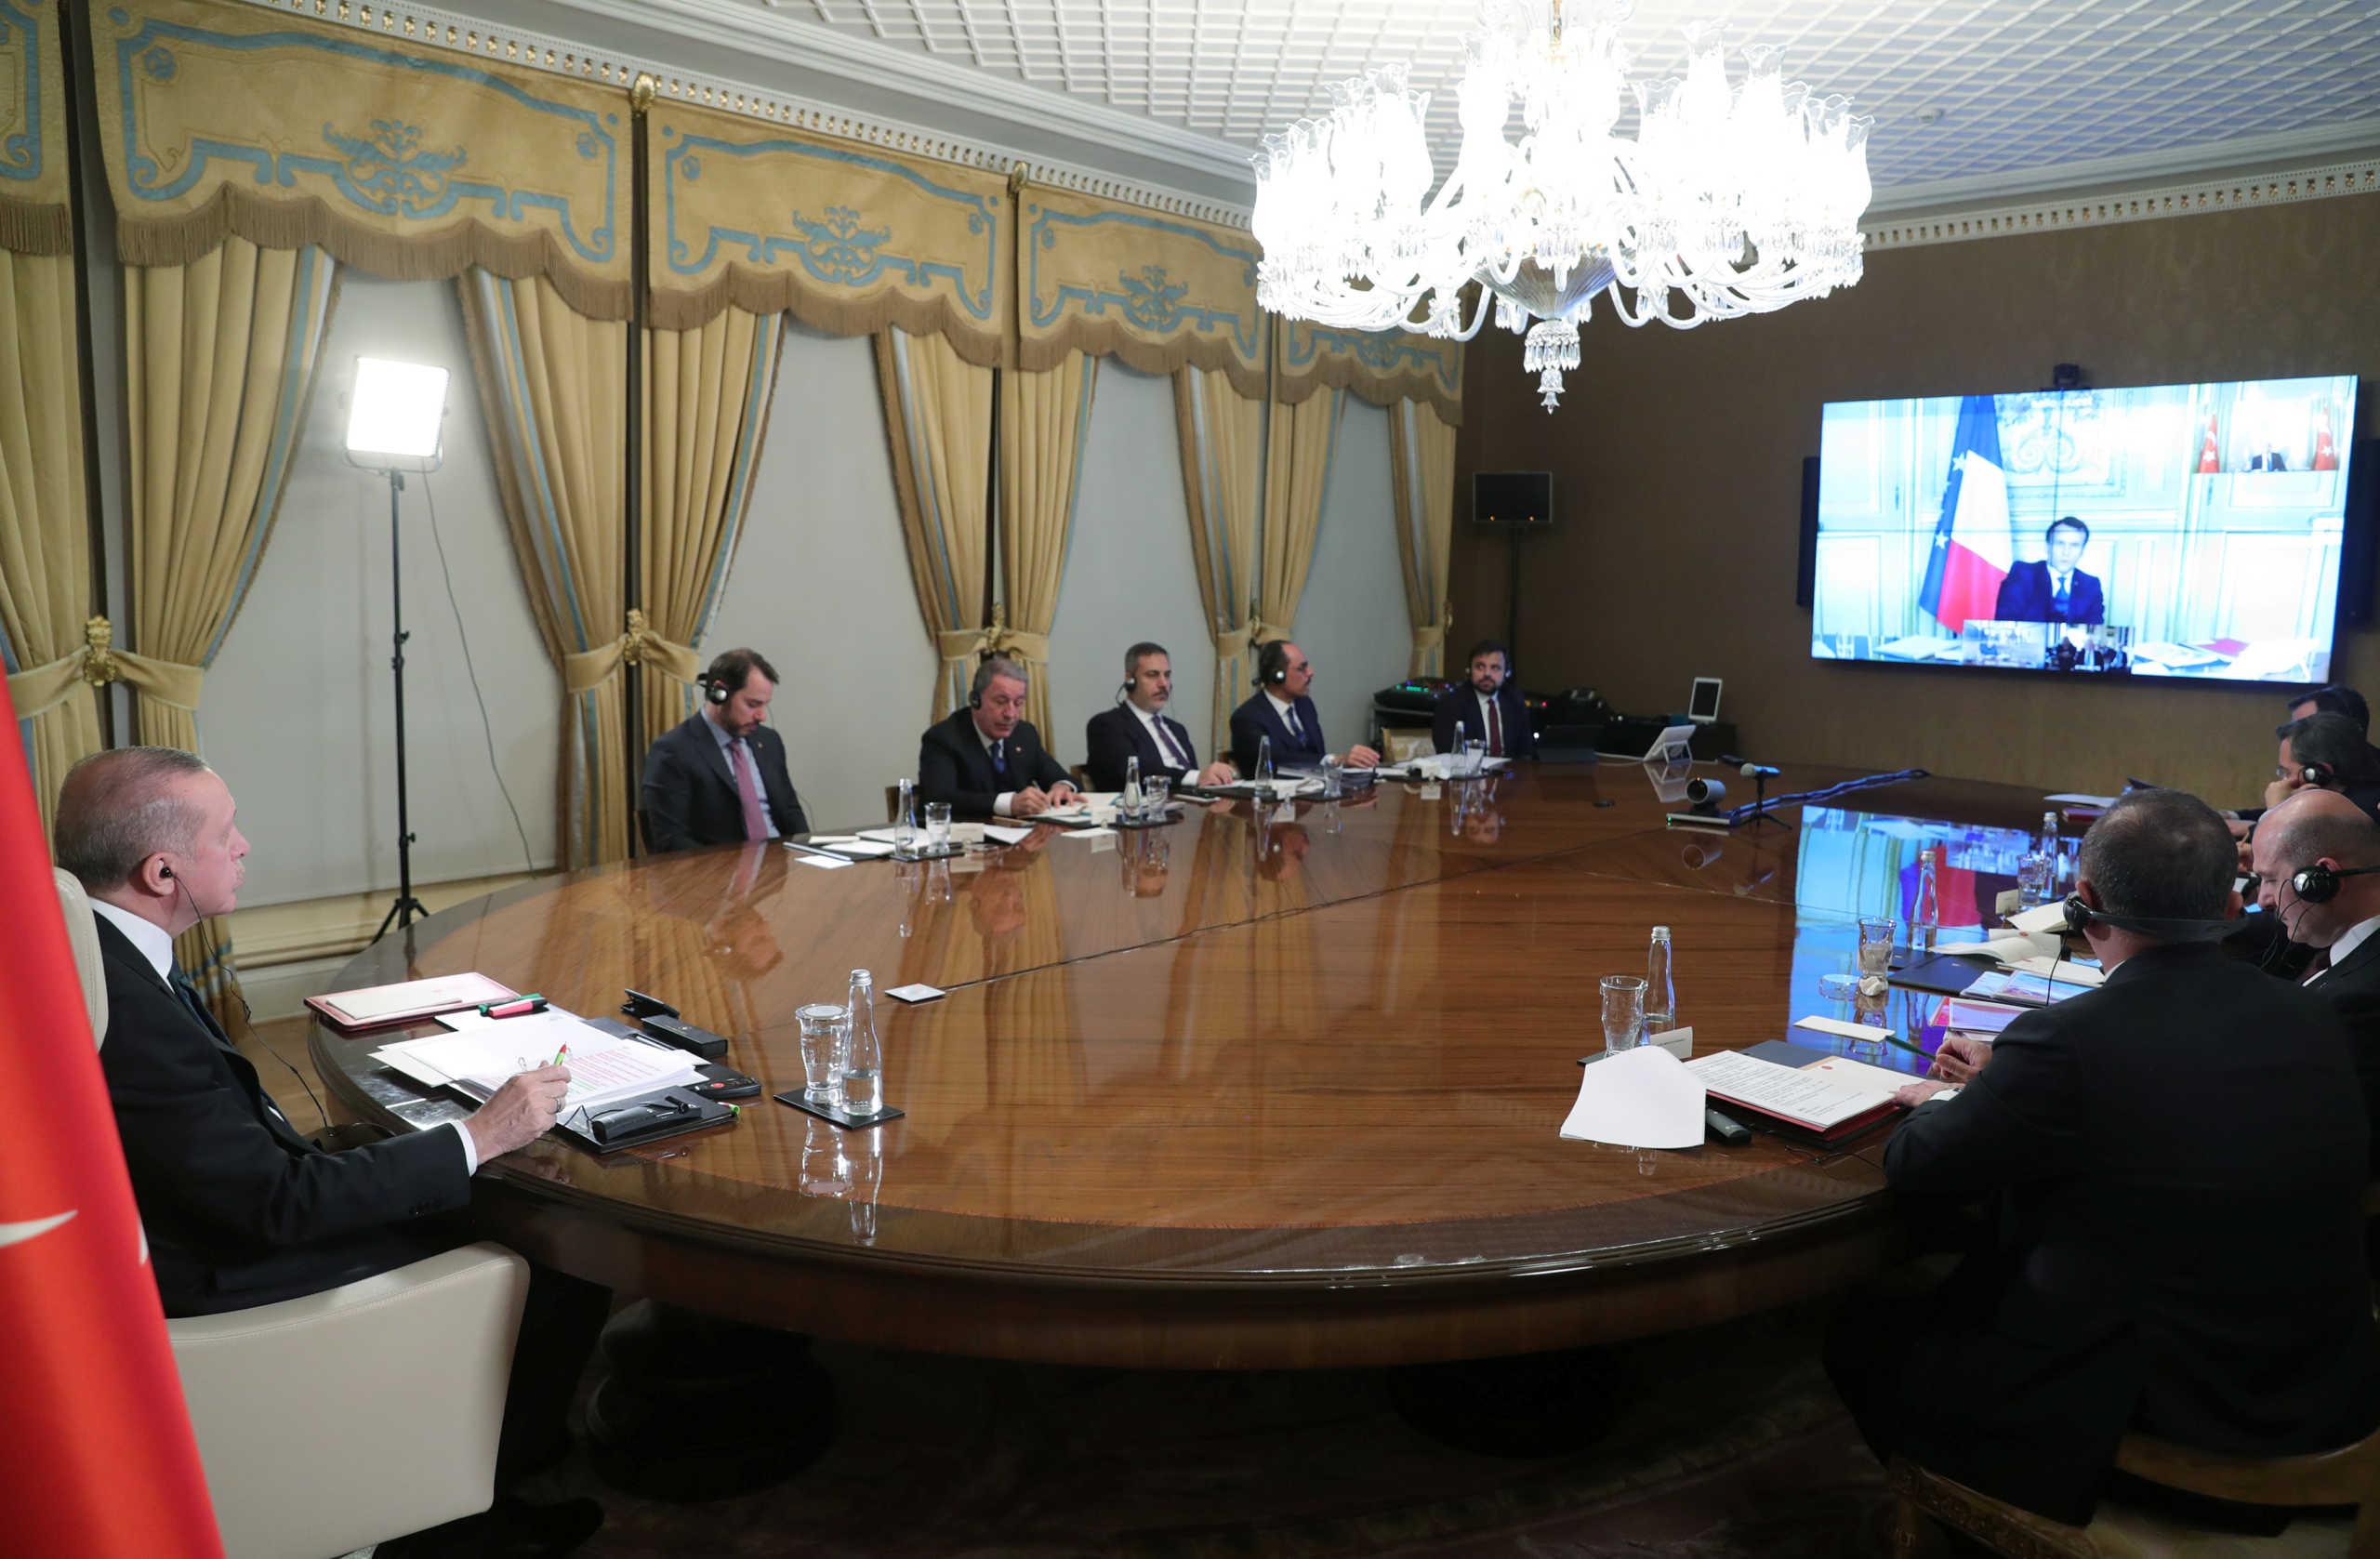 Στην εποχή του κορονοϊού: Τηλεδιάσκεψη Ερντογάν με ηγέτες Γερμανίας, Γαλλίας και Βρετανίας